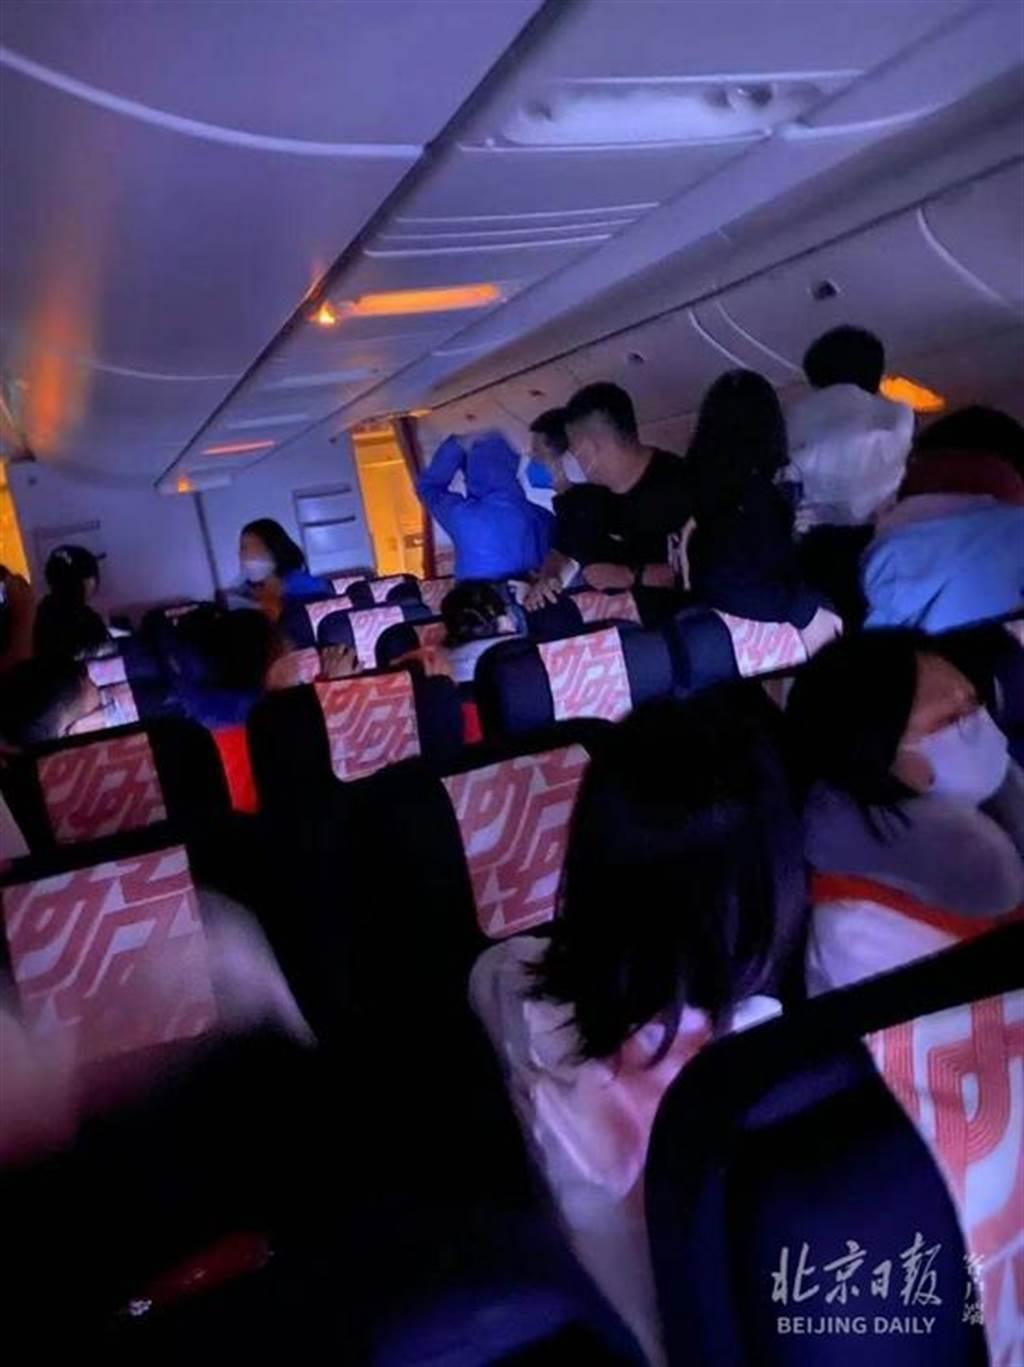 法國航空一架北京飛往巴黎的航班18日凌晨起飛不久後,客艙靠後位置傳出異響並冒出黑...